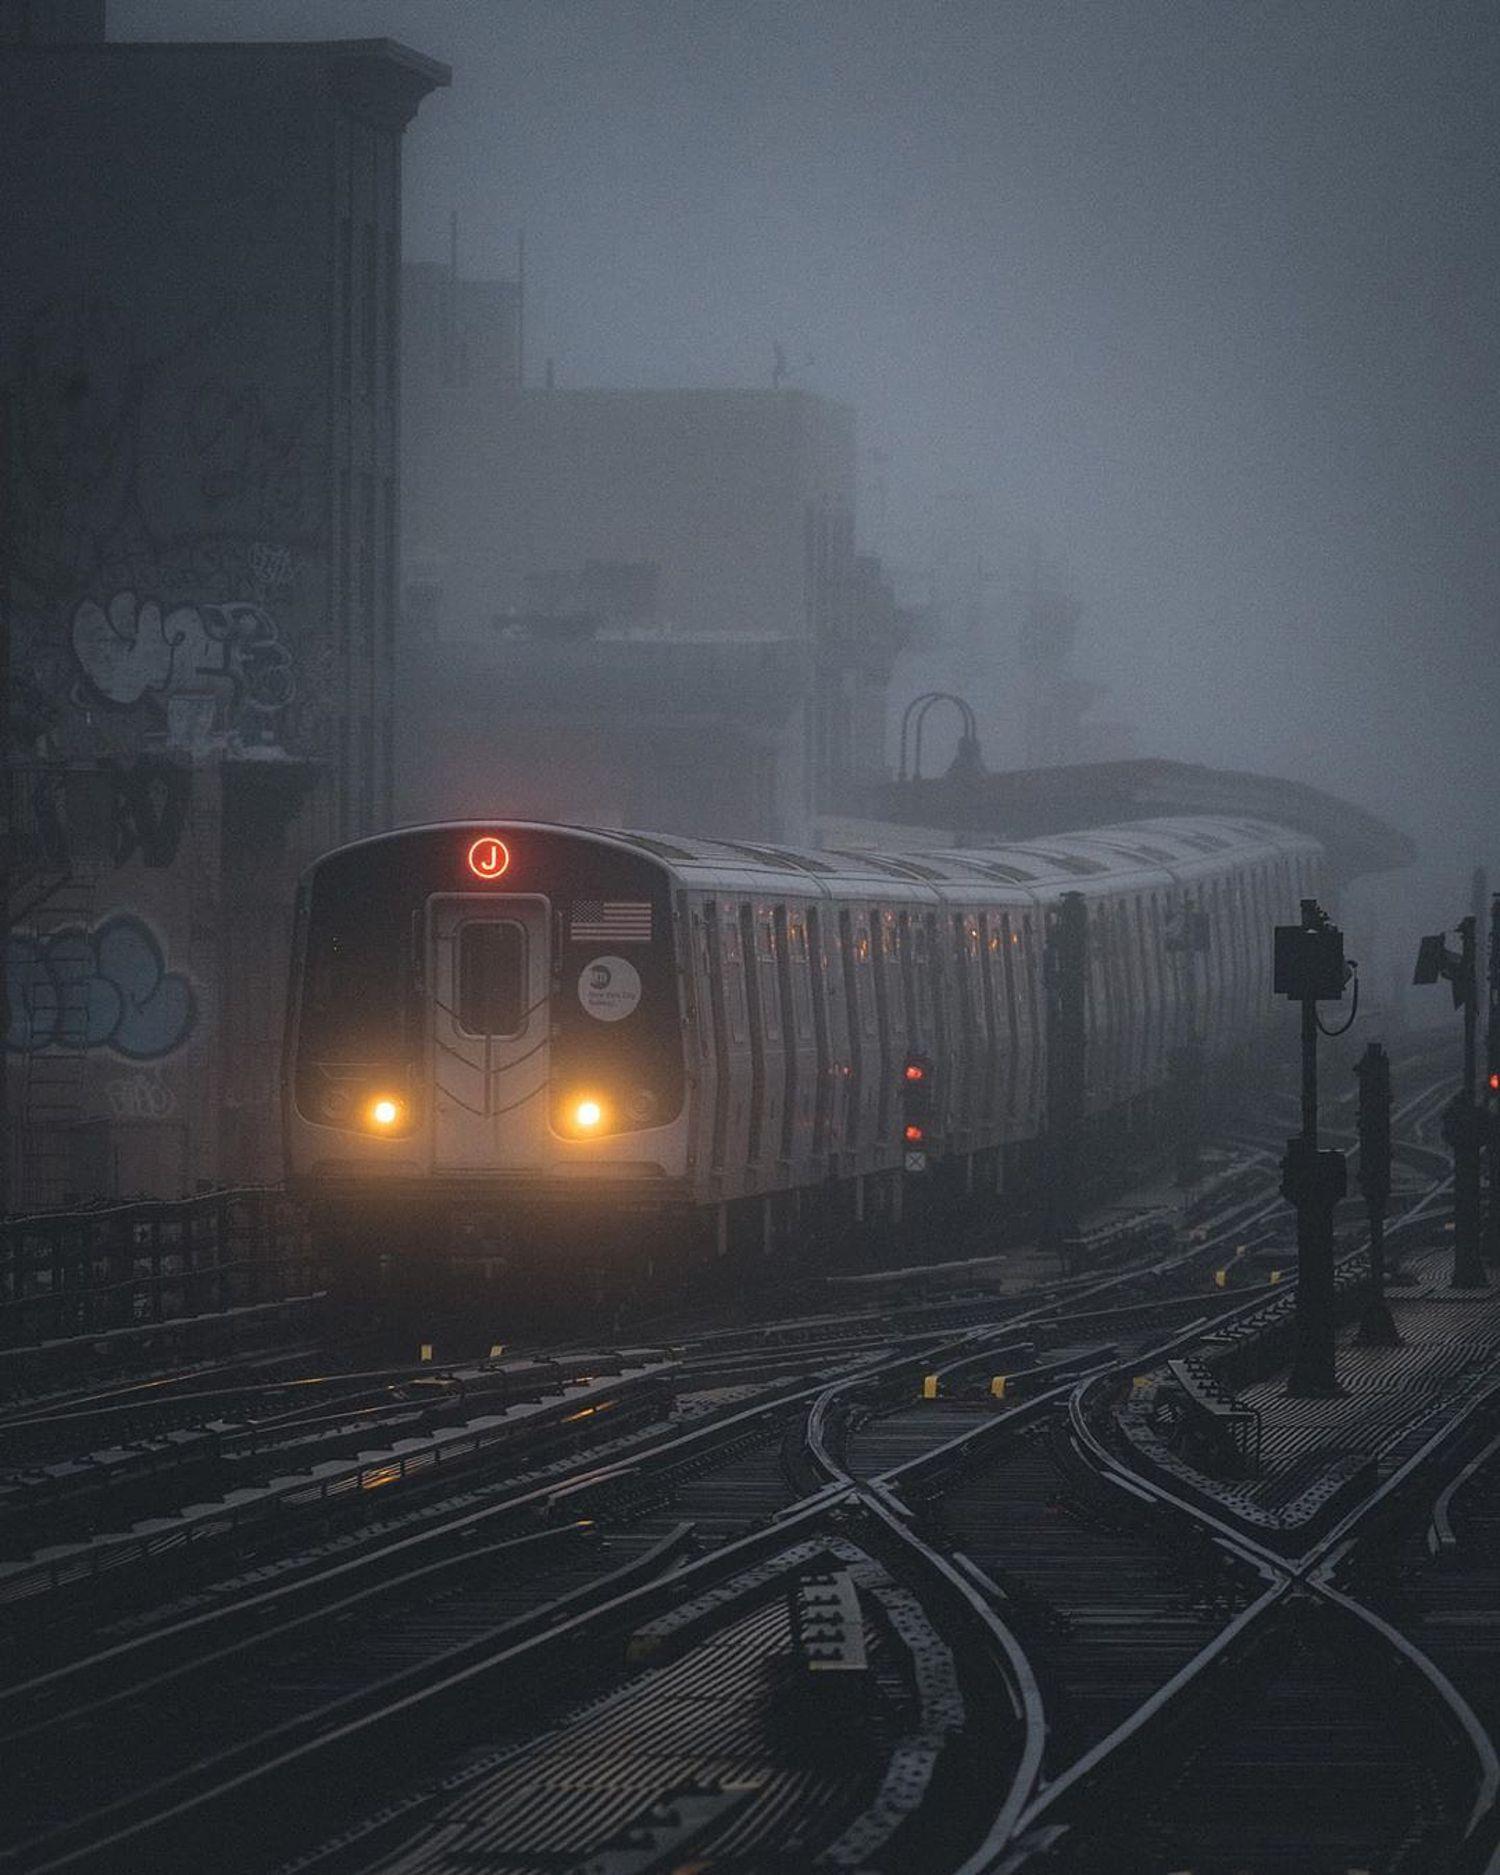 J Train, Williamsburg, Brooklyn